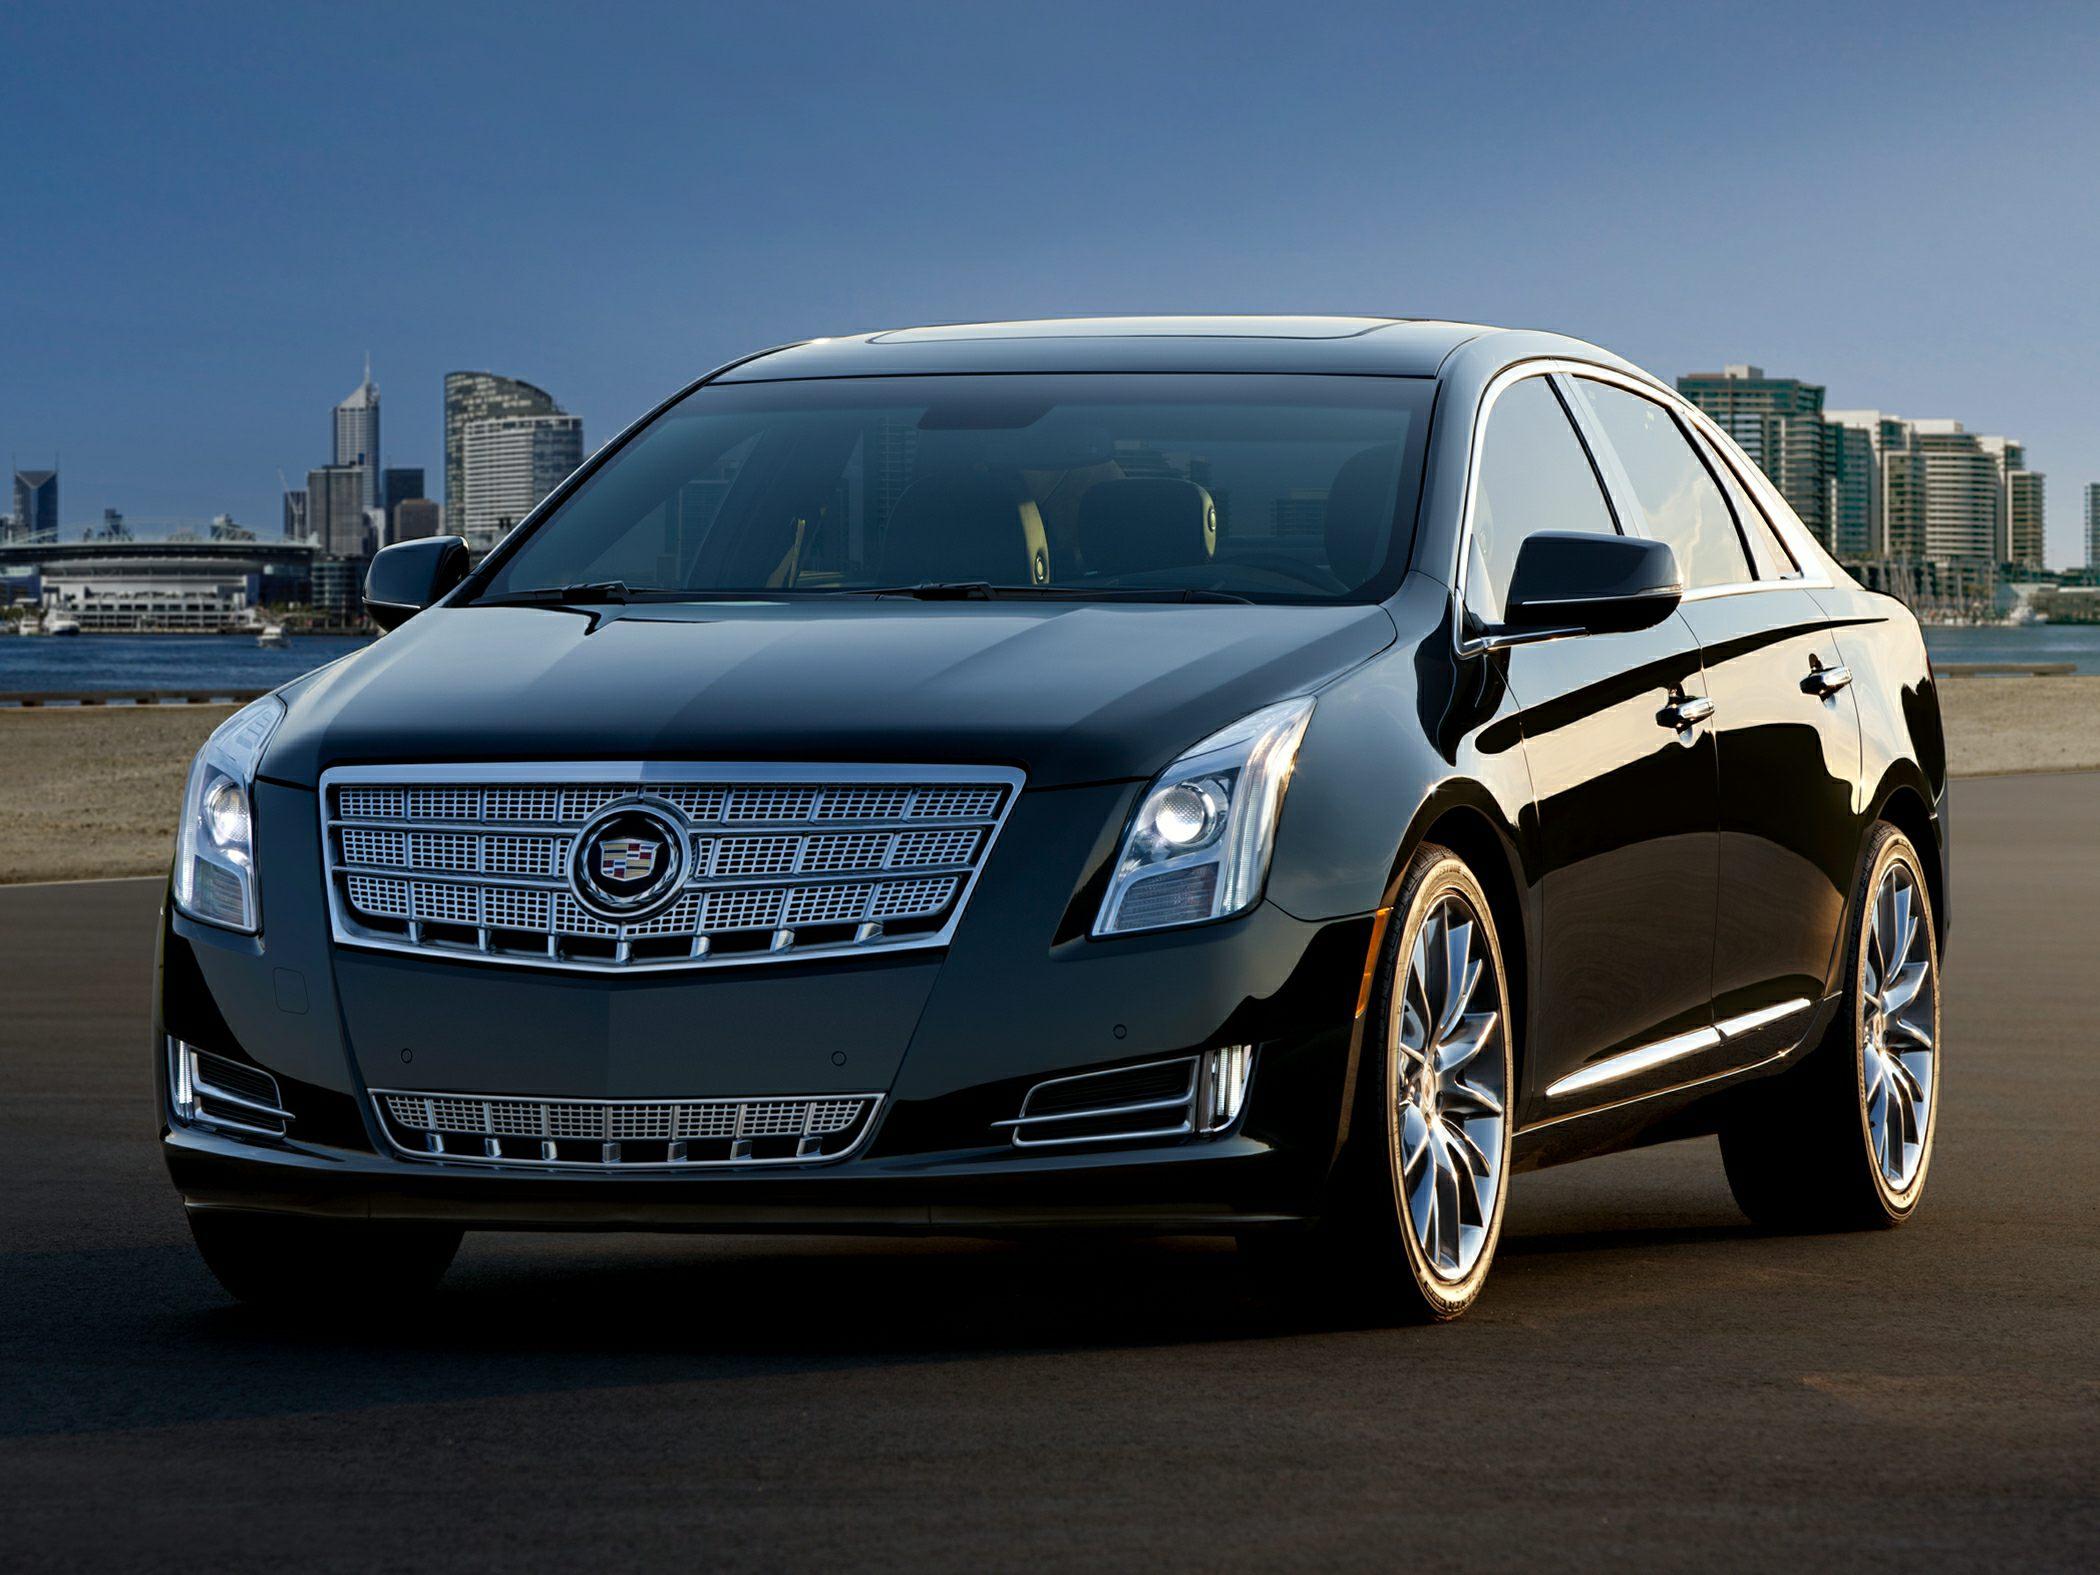 2014 Cadillac XTS Glam